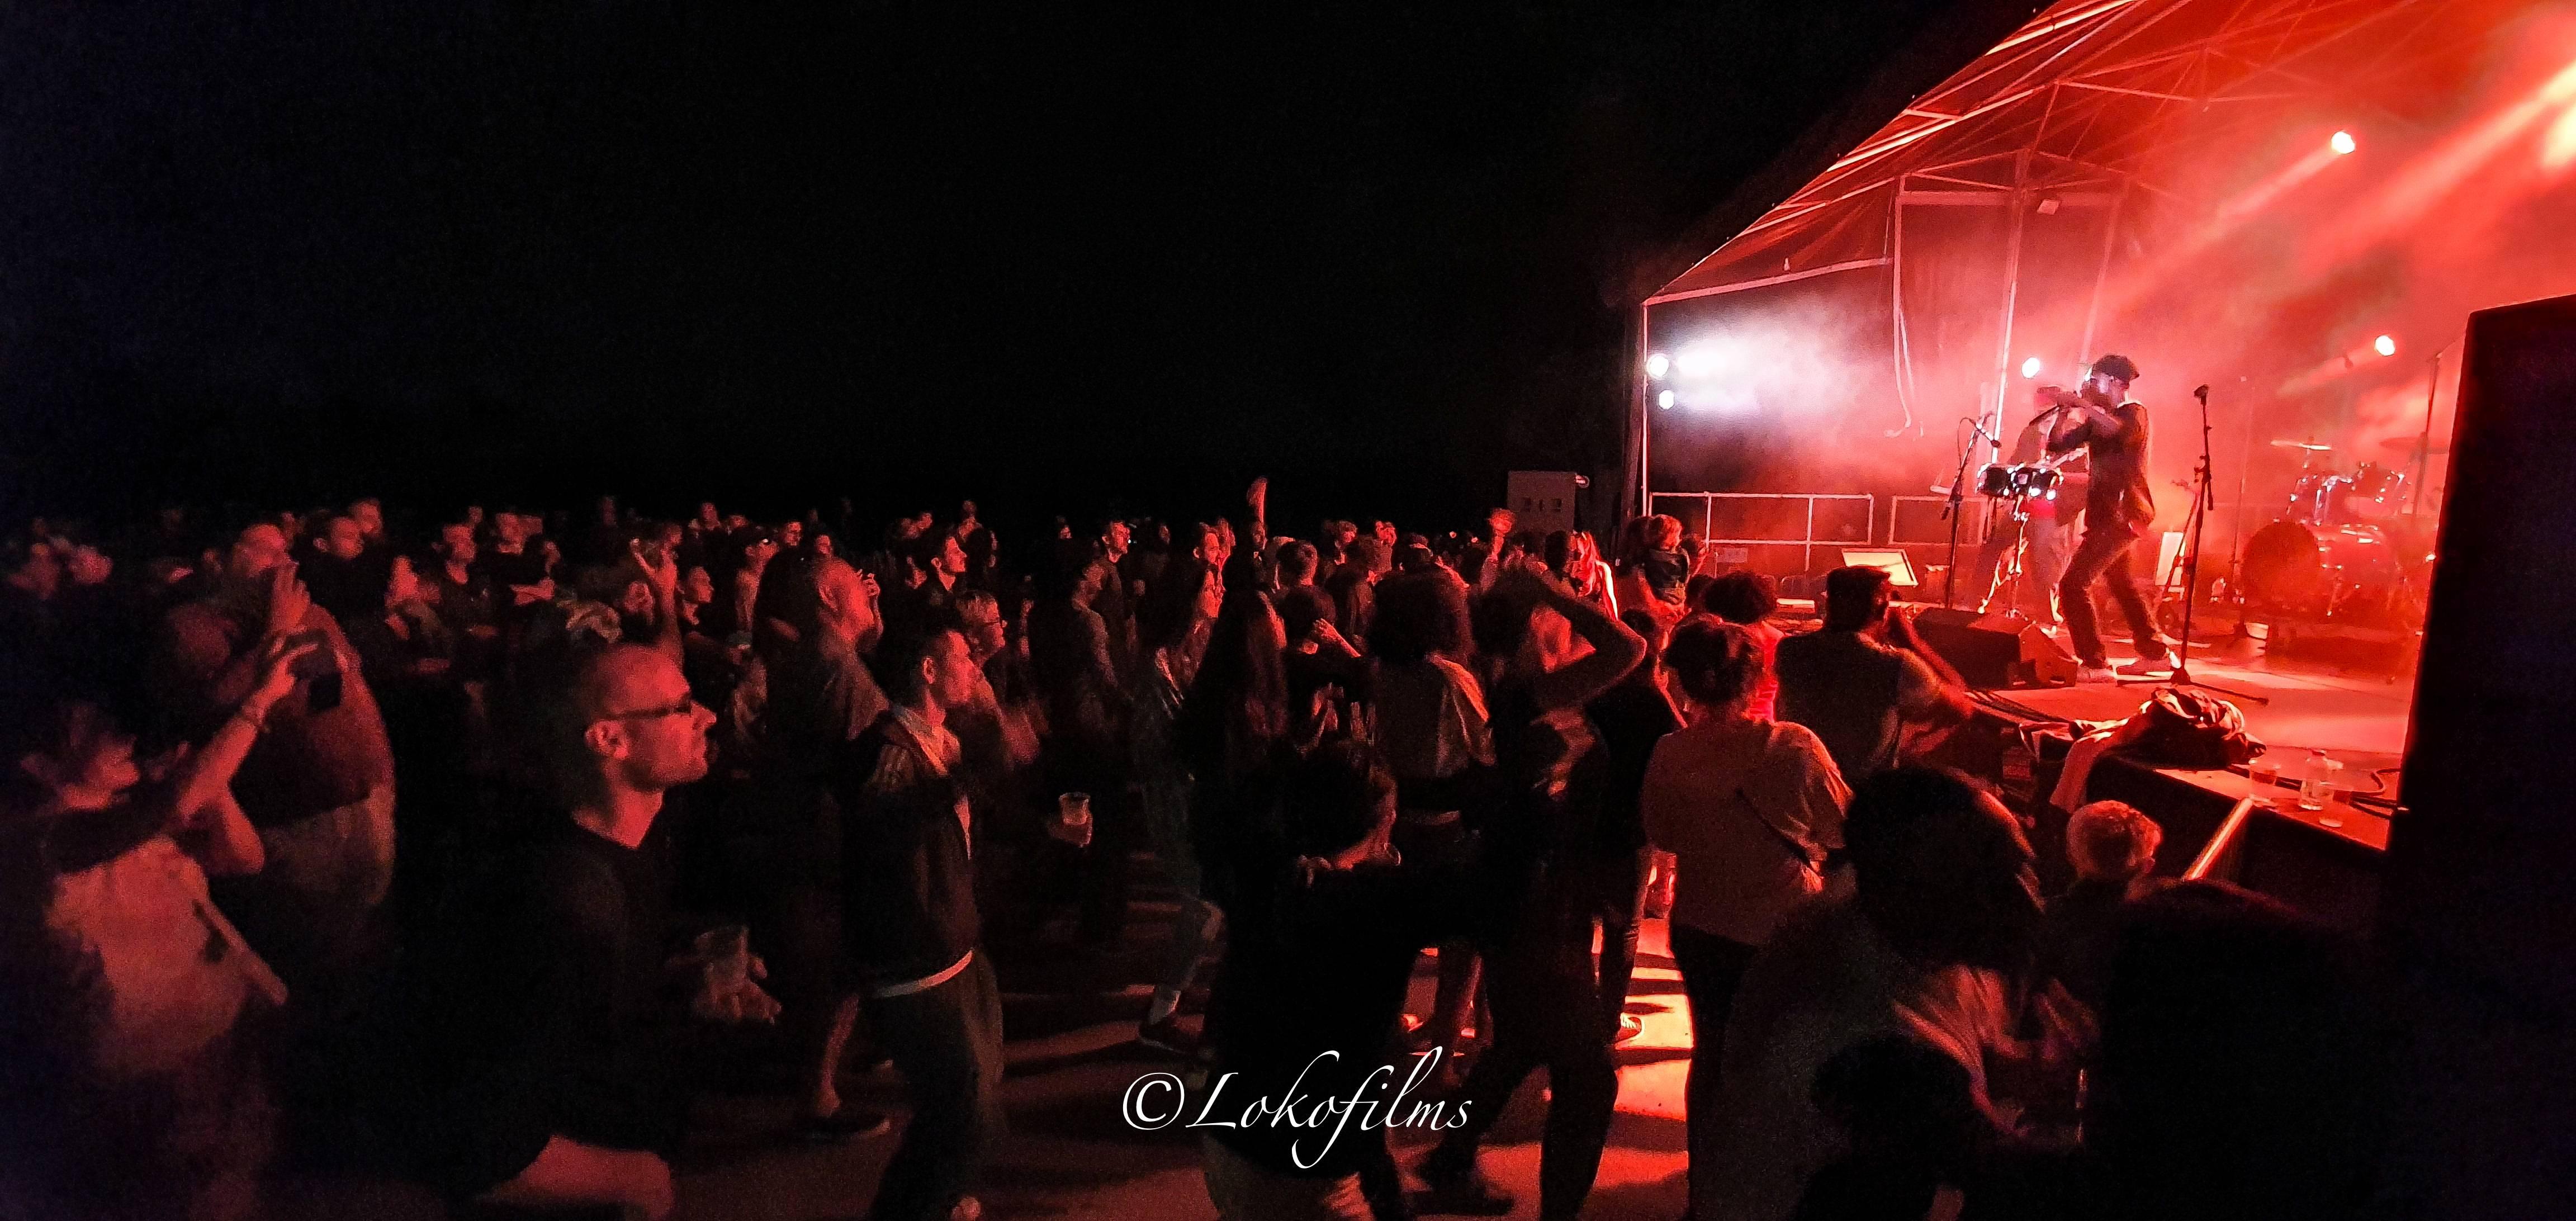 Concert Reggae : Pierre Nesta + Les Chillaz et Puppa Lek Sèn ouvrent les festivités culturelles à Ploermel